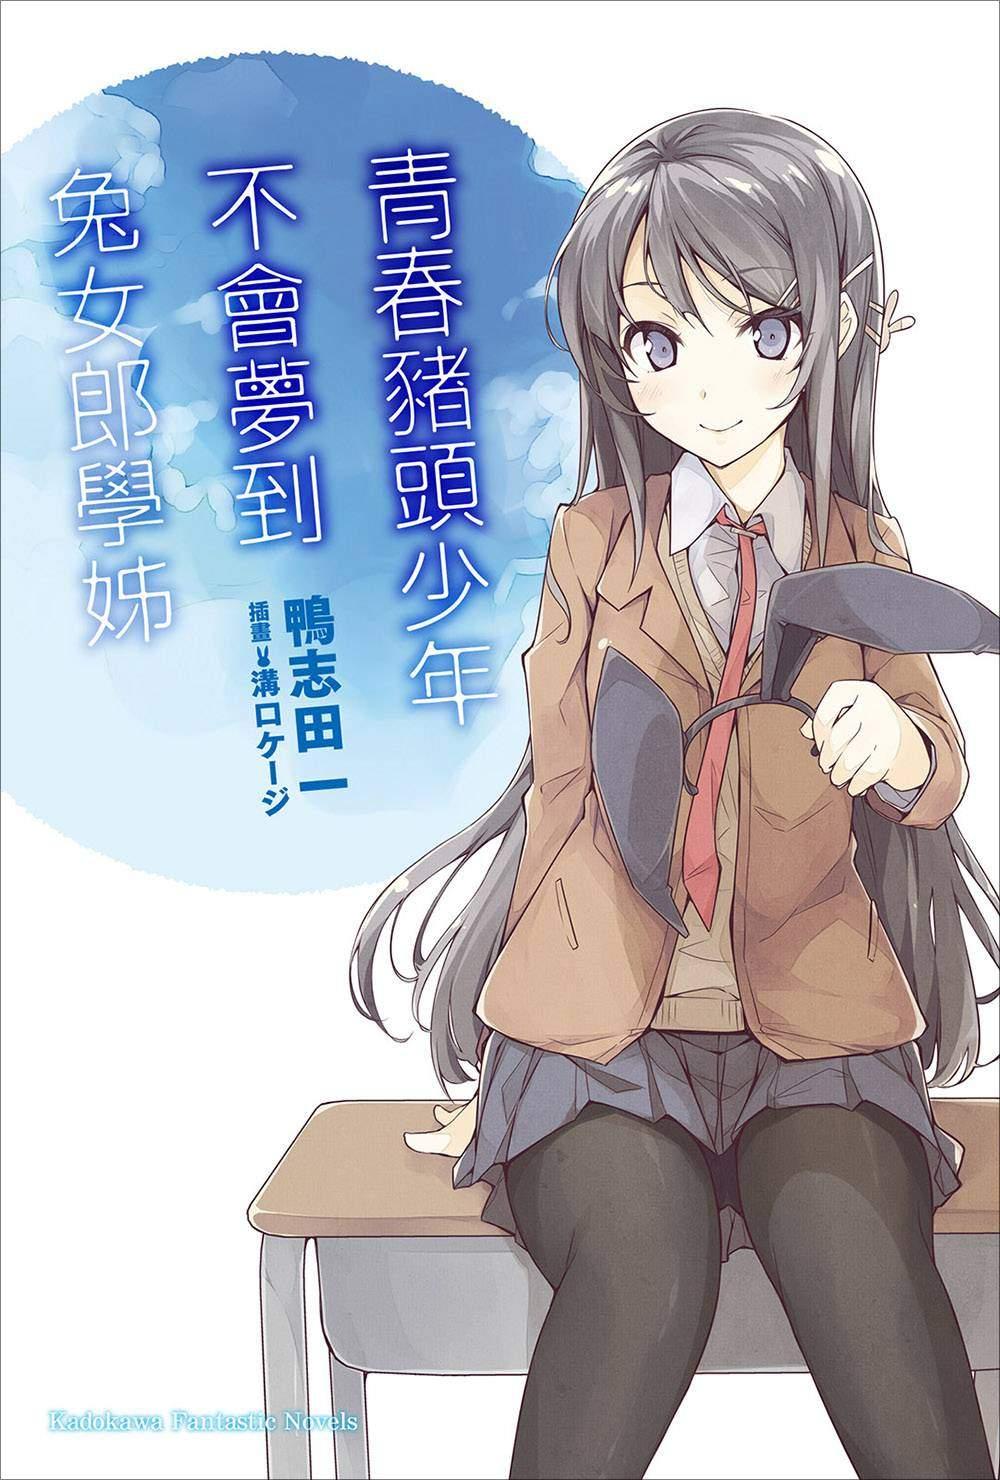 【连载中】【轻小说】 《青春猪头少年不会梦到兔女郎学姐》1-10卷 EPUB 百度网盘下载